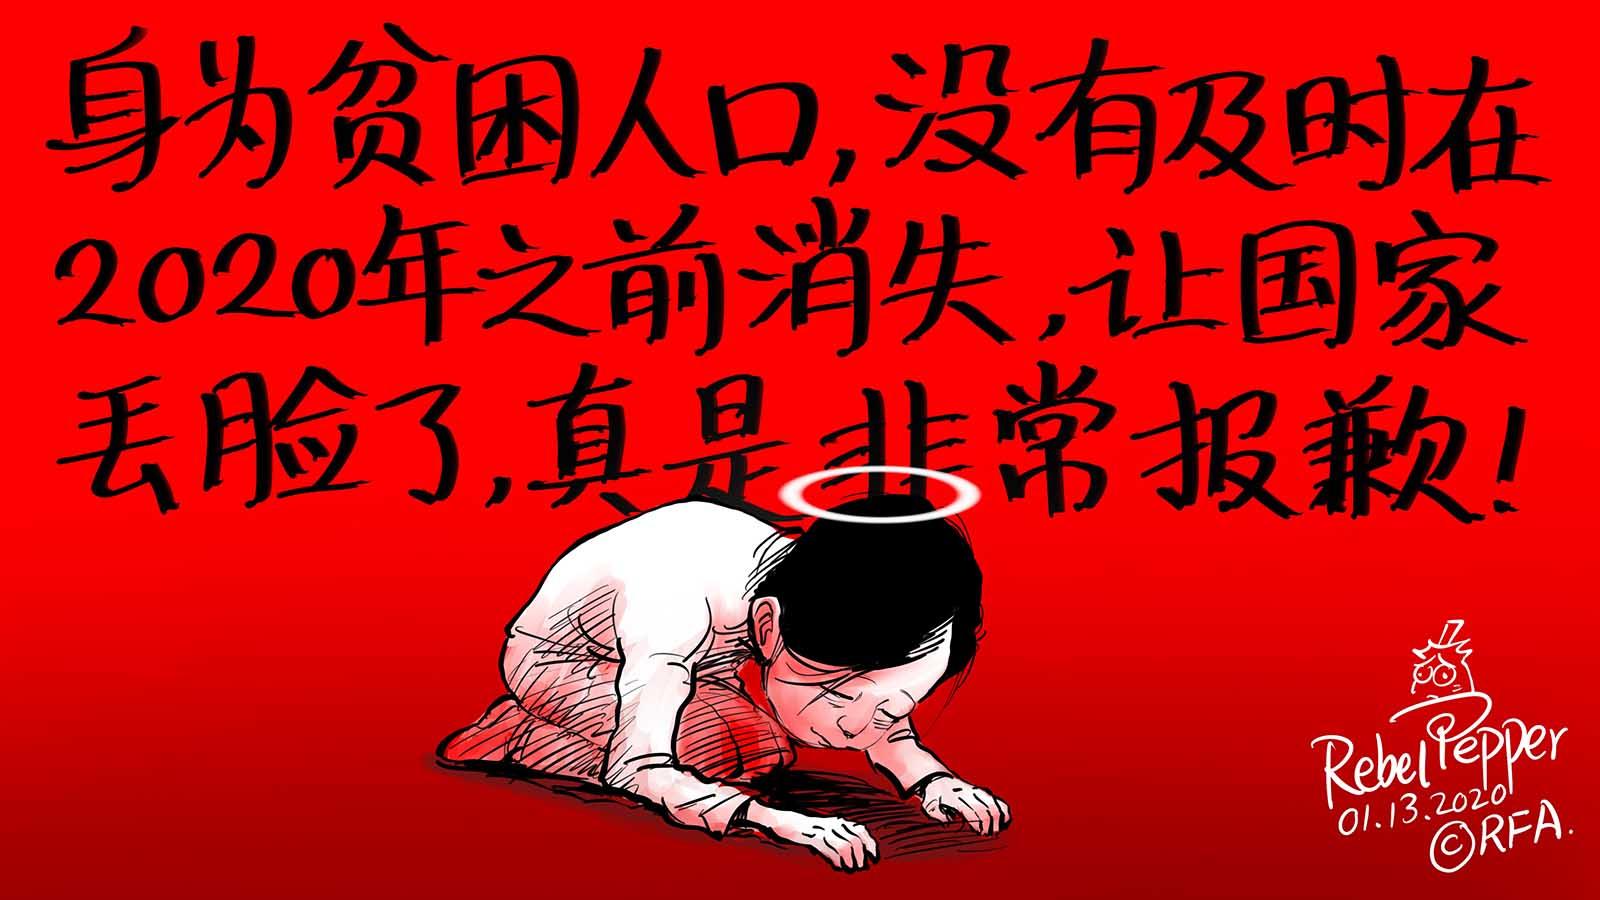 43斤女大学生吴花燕日前离世,她曾经长期营养不良。这与中国要在2020年彻底消灭贫困的口号形成强烈反差。(变态辣椒)